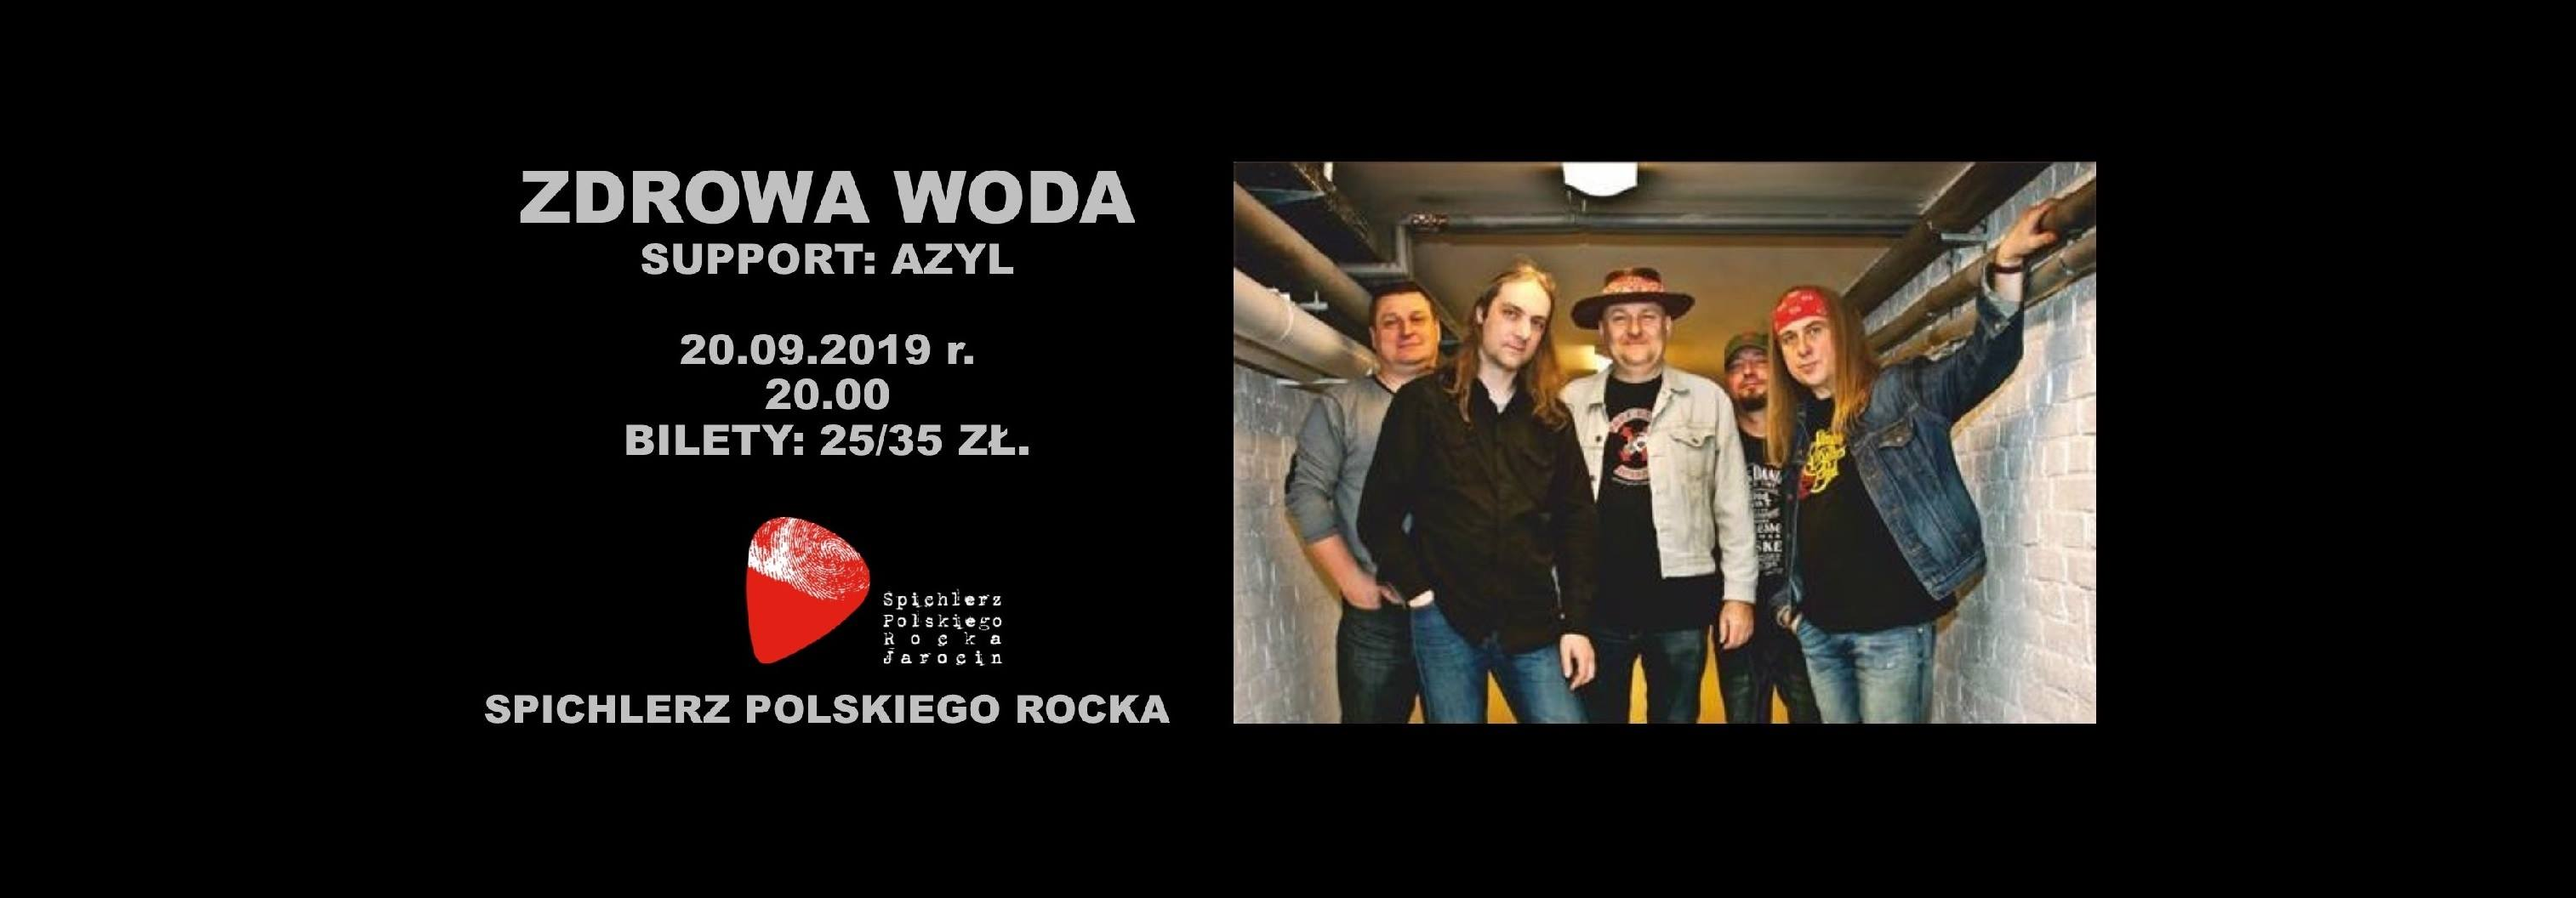 Przypominamy! Koncert zespołów Zdrowa Woda i Azyl w najbliższy piątek.